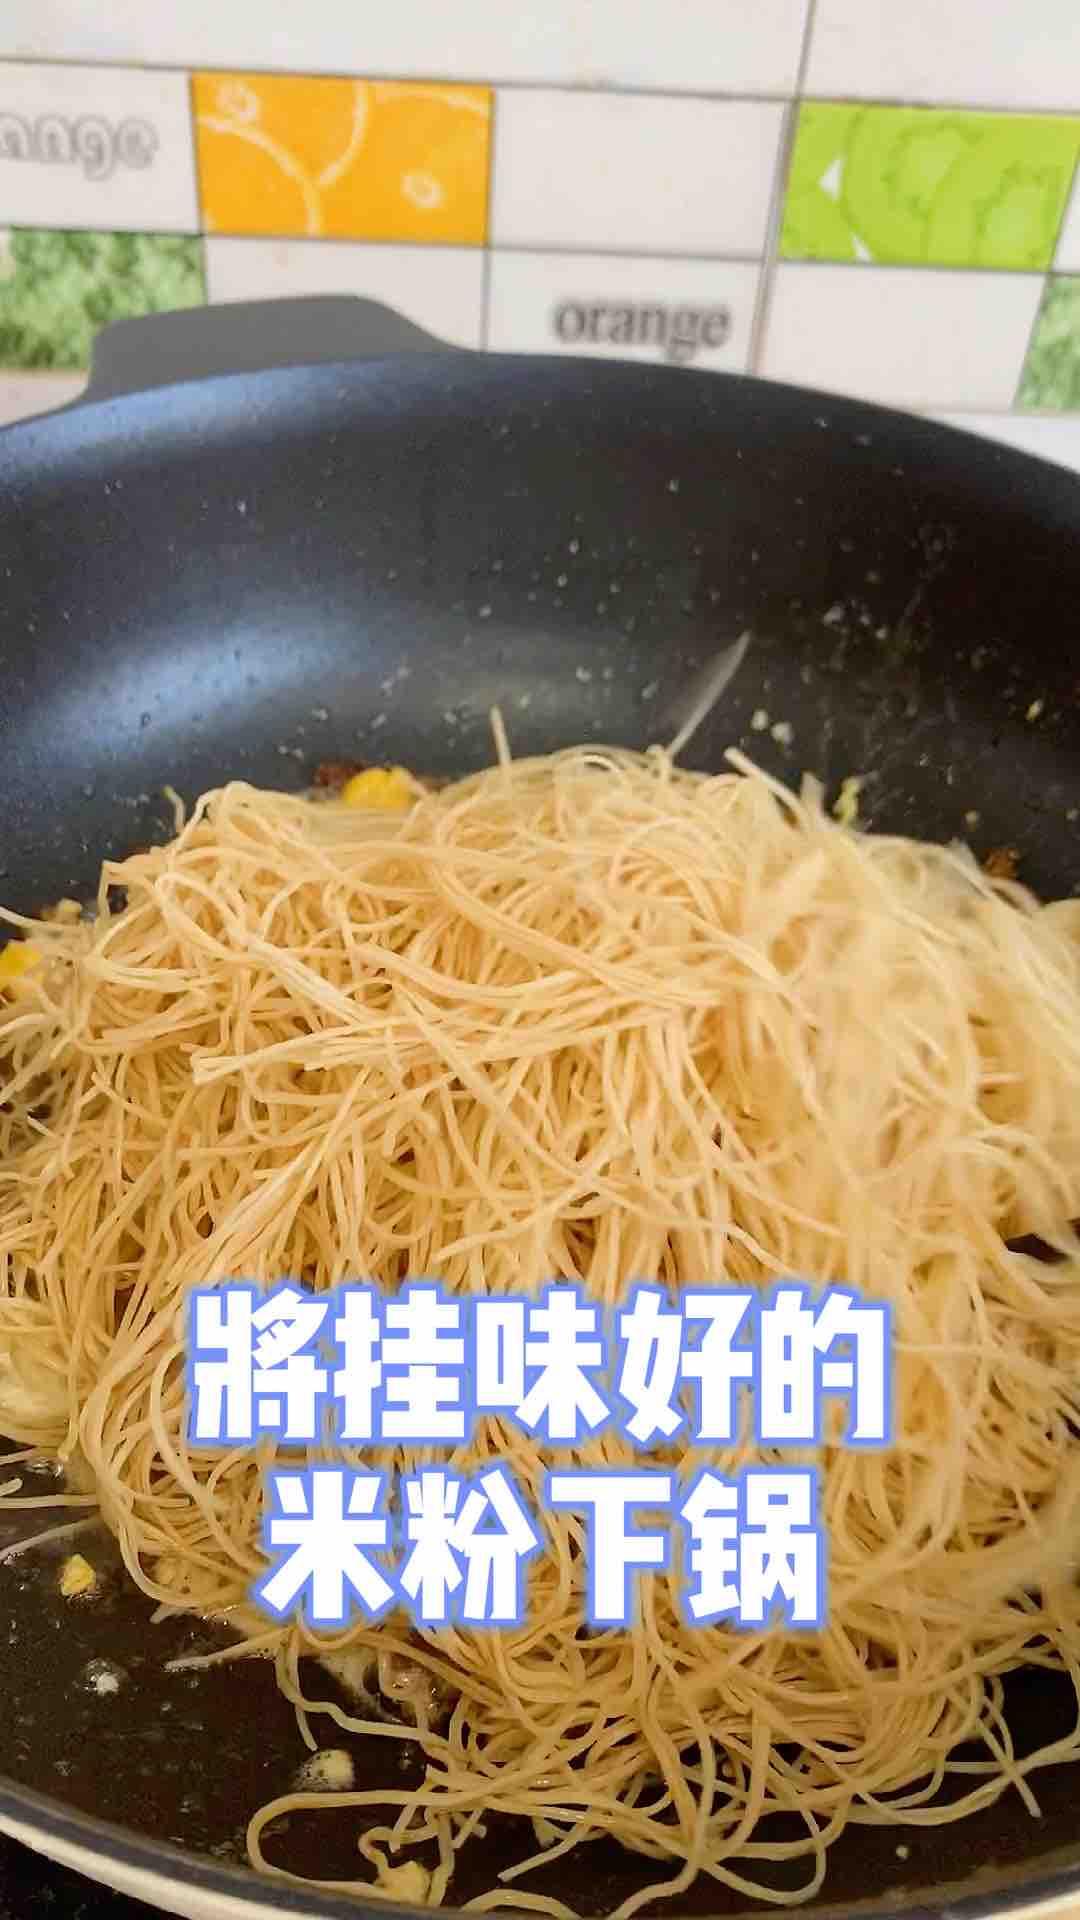 牛肉洋葱炒粉怎么做